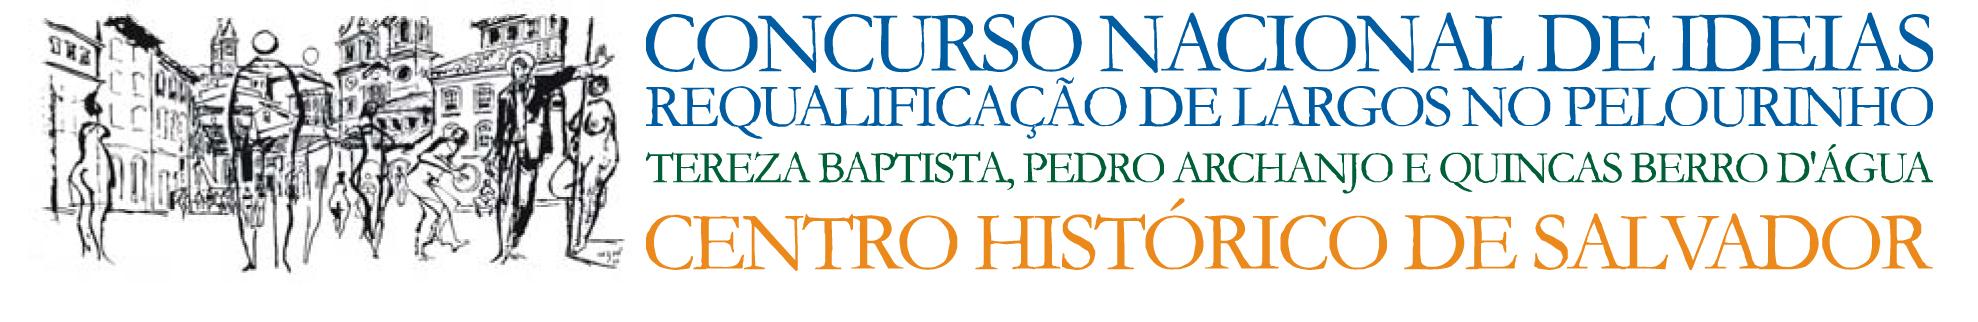 Concurso Nacional: requalificação  no centro histórico de Salvador da Bahia / Salvador - Bahia, Divulgação